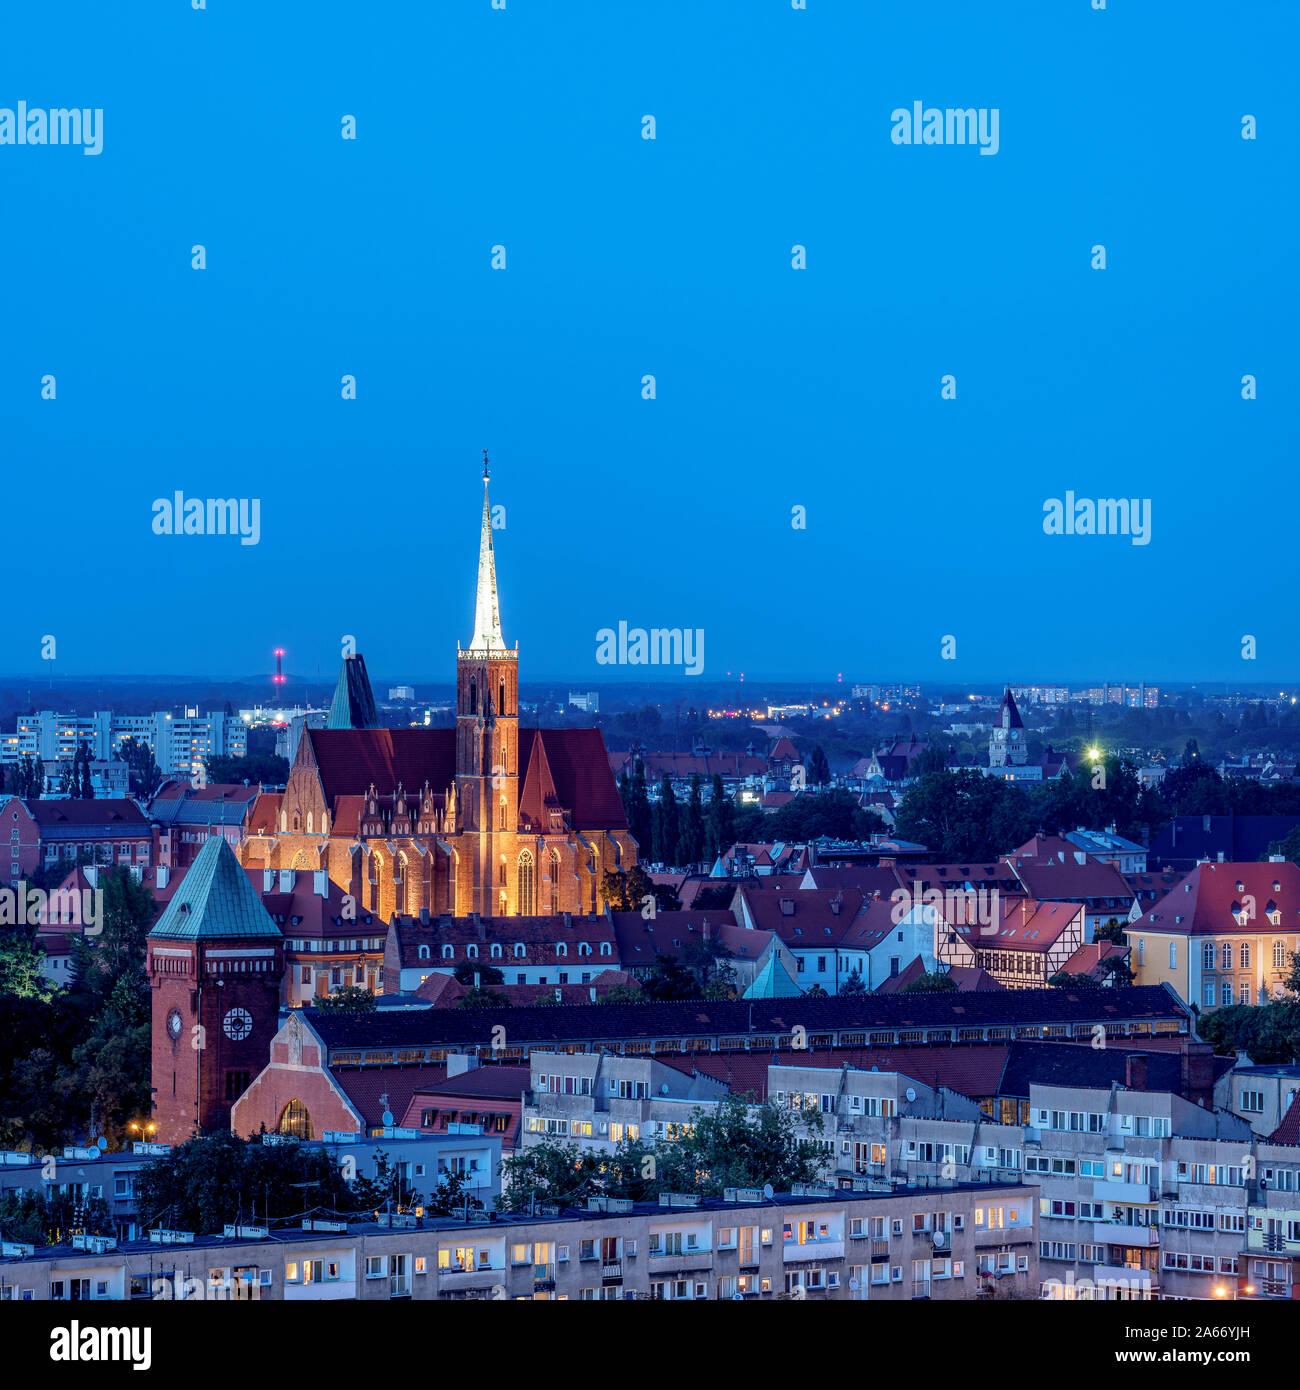 Vue élevée vers l'église Sainte Croix au crépuscule, Wroclaw, Basse-silésie, Pologne Banque D'Images